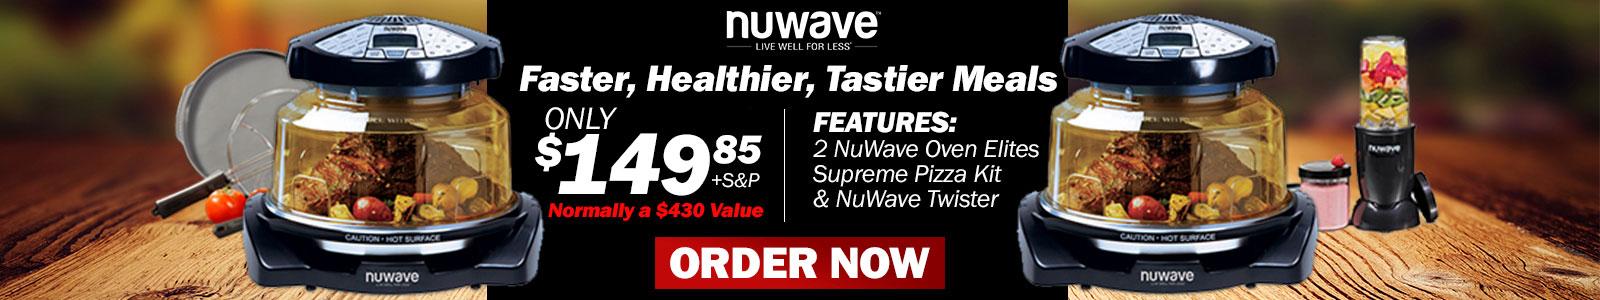 NuWave Oven Elite BOGO plus Supreme Pizza Kit, & NuWave Twister